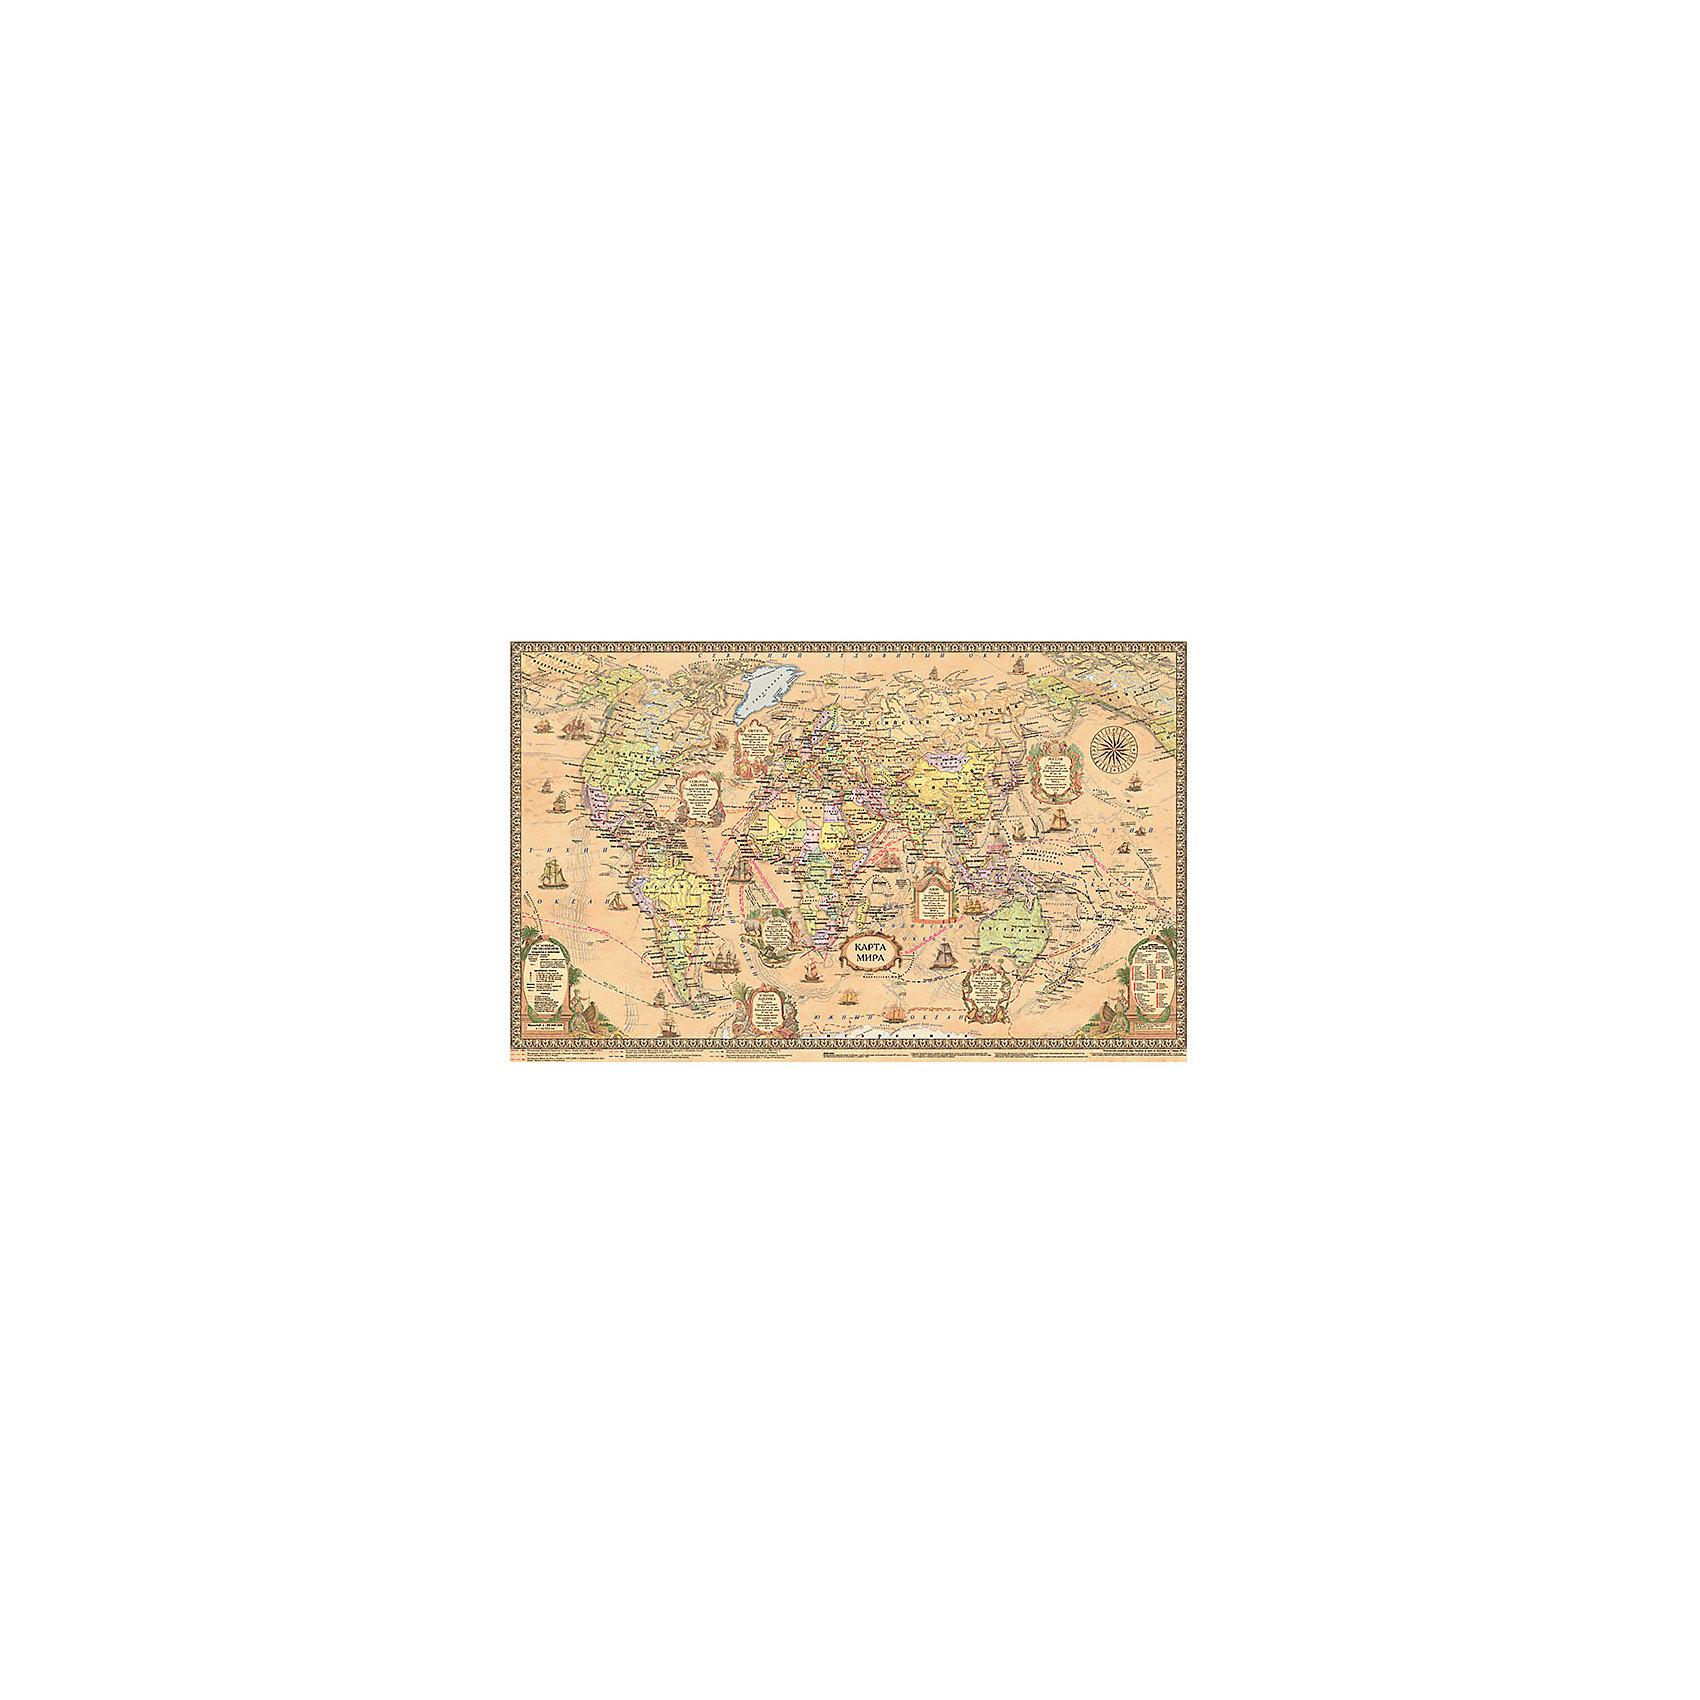 Настольная политическая карта Ретро, масштаб 1:55Плакаты и карты<br>Современная политическая карта мира изображена на фоне цвета старинного пергамента, что придает ей ретро стиль. Все остальные элементы изображены в соответствии с общепринятыми картографическими стандартами. Страны выделены цветом, отмечены столицы, крупные города, водоемы, морские порты. На оборотной стороне карты размещена биография   великих путешественников  и открывателей.<br><br>Дополнительная информация:<br><br>- Материал: бумага.<br>- Размер: 54х37 см.<br>- Двусторонняя карта. <br>- Масштаб: 1:55.<br><br>Настольную политическую карту Ретро, (масштаб 1:55), можно купить в нашем магазине.<br><br>Ширина мм: 370<br>Глубина мм: 570<br>Высота мм: 370<br>Вес г: 90<br>Возраст от месяцев: 36<br>Возраст до месяцев: 2147483647<br>Пол: Унисекс<br>Возраст: Детский<br>SKU: 4093403